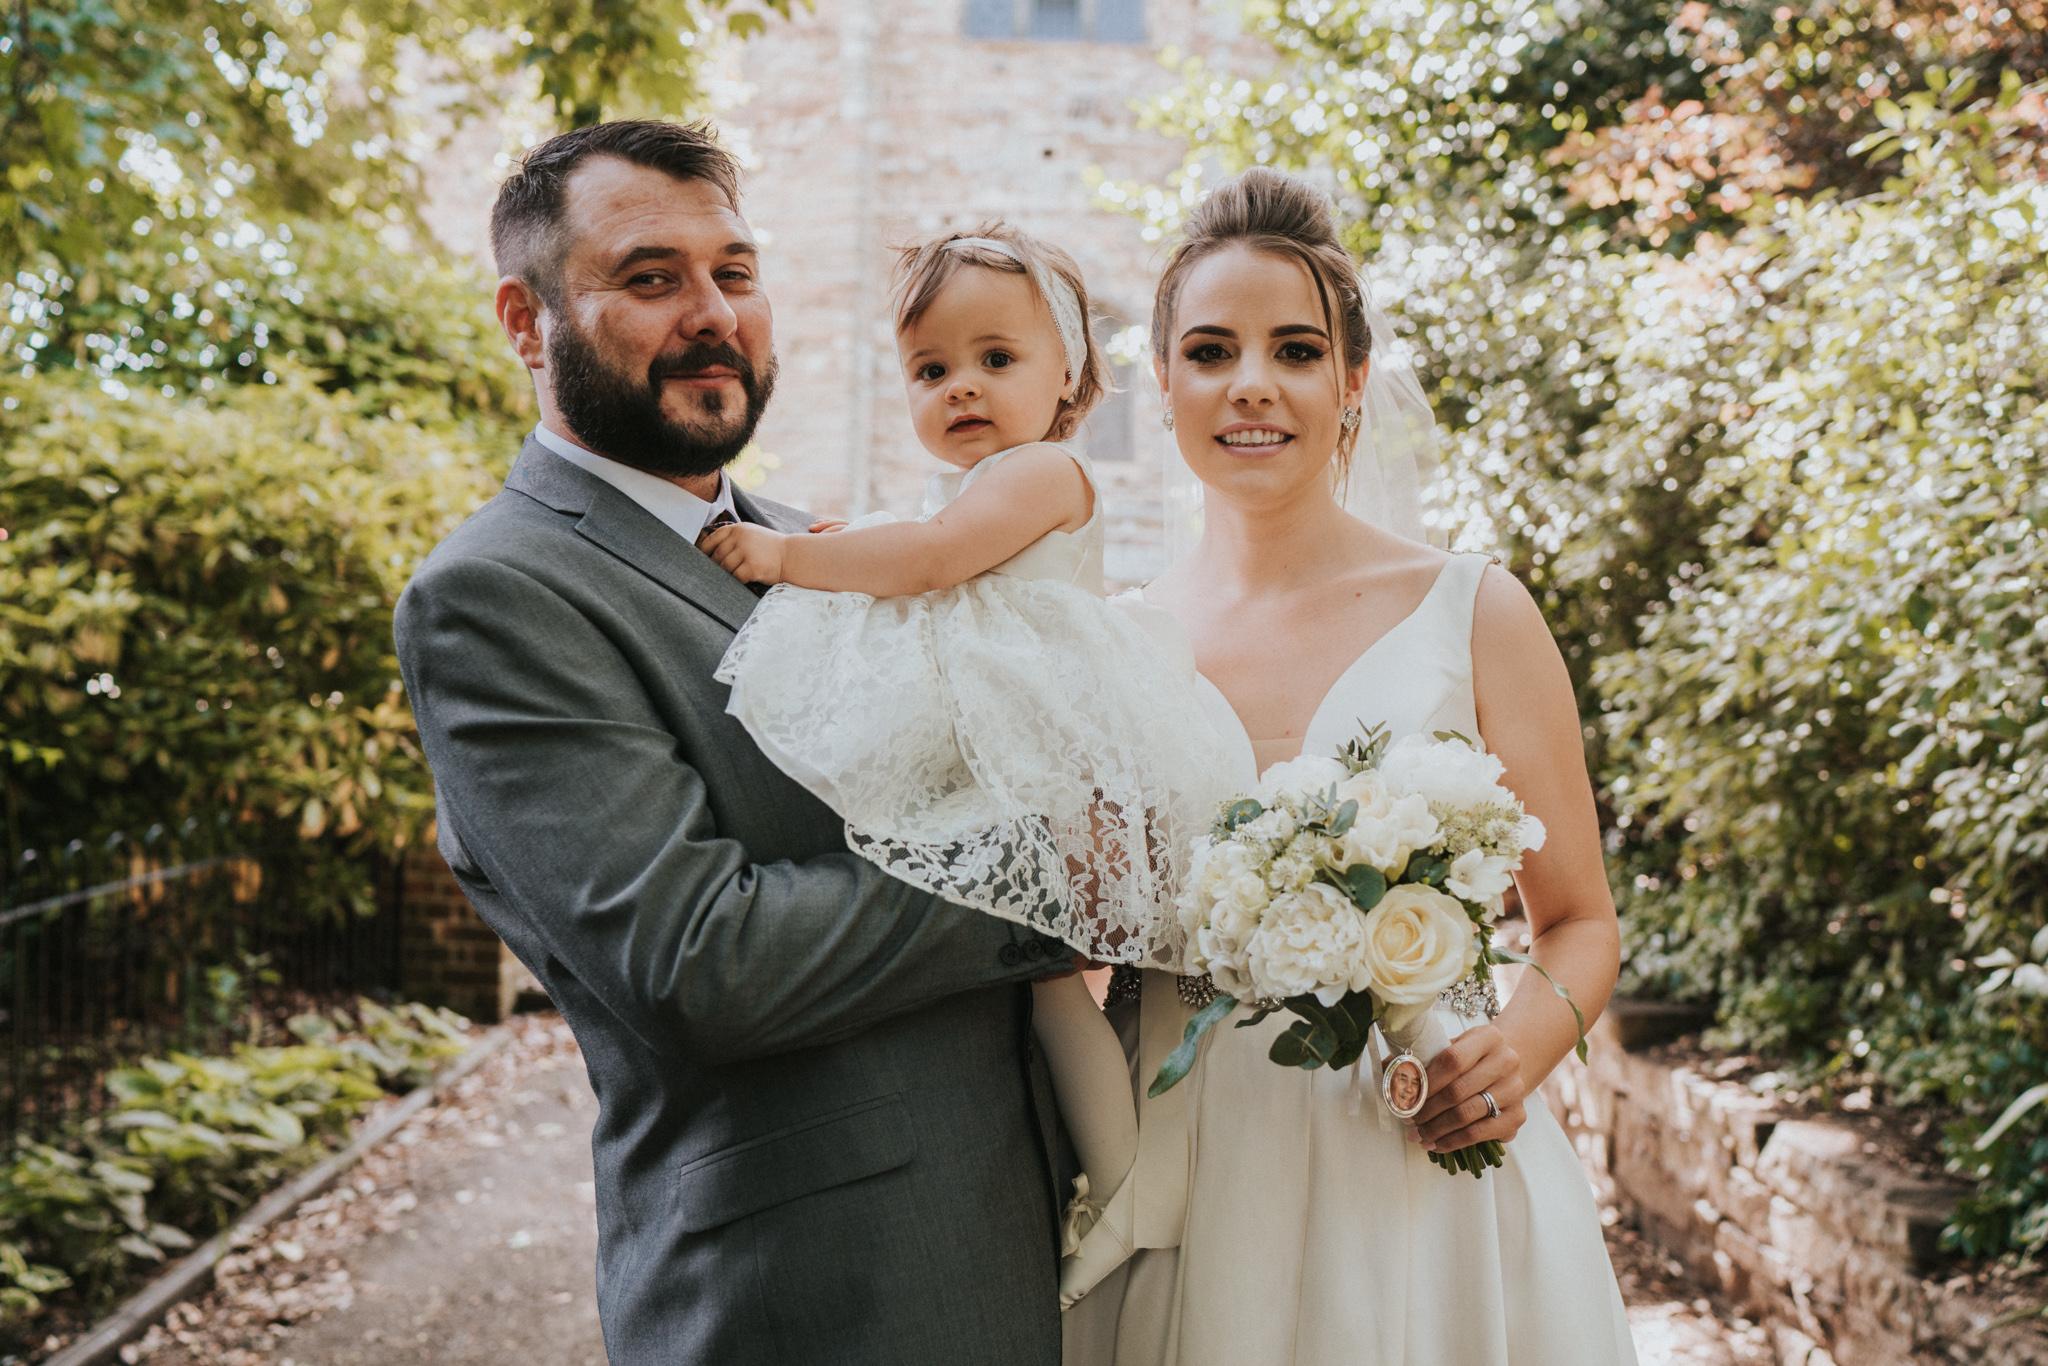 tess-adam-colchester-intimate-elopement-grace-elizabeth-colchester-essex-alternative-wedding-lifestyle-photographer-essex-suffolk-norfolk-devon (17 of 20).jpg